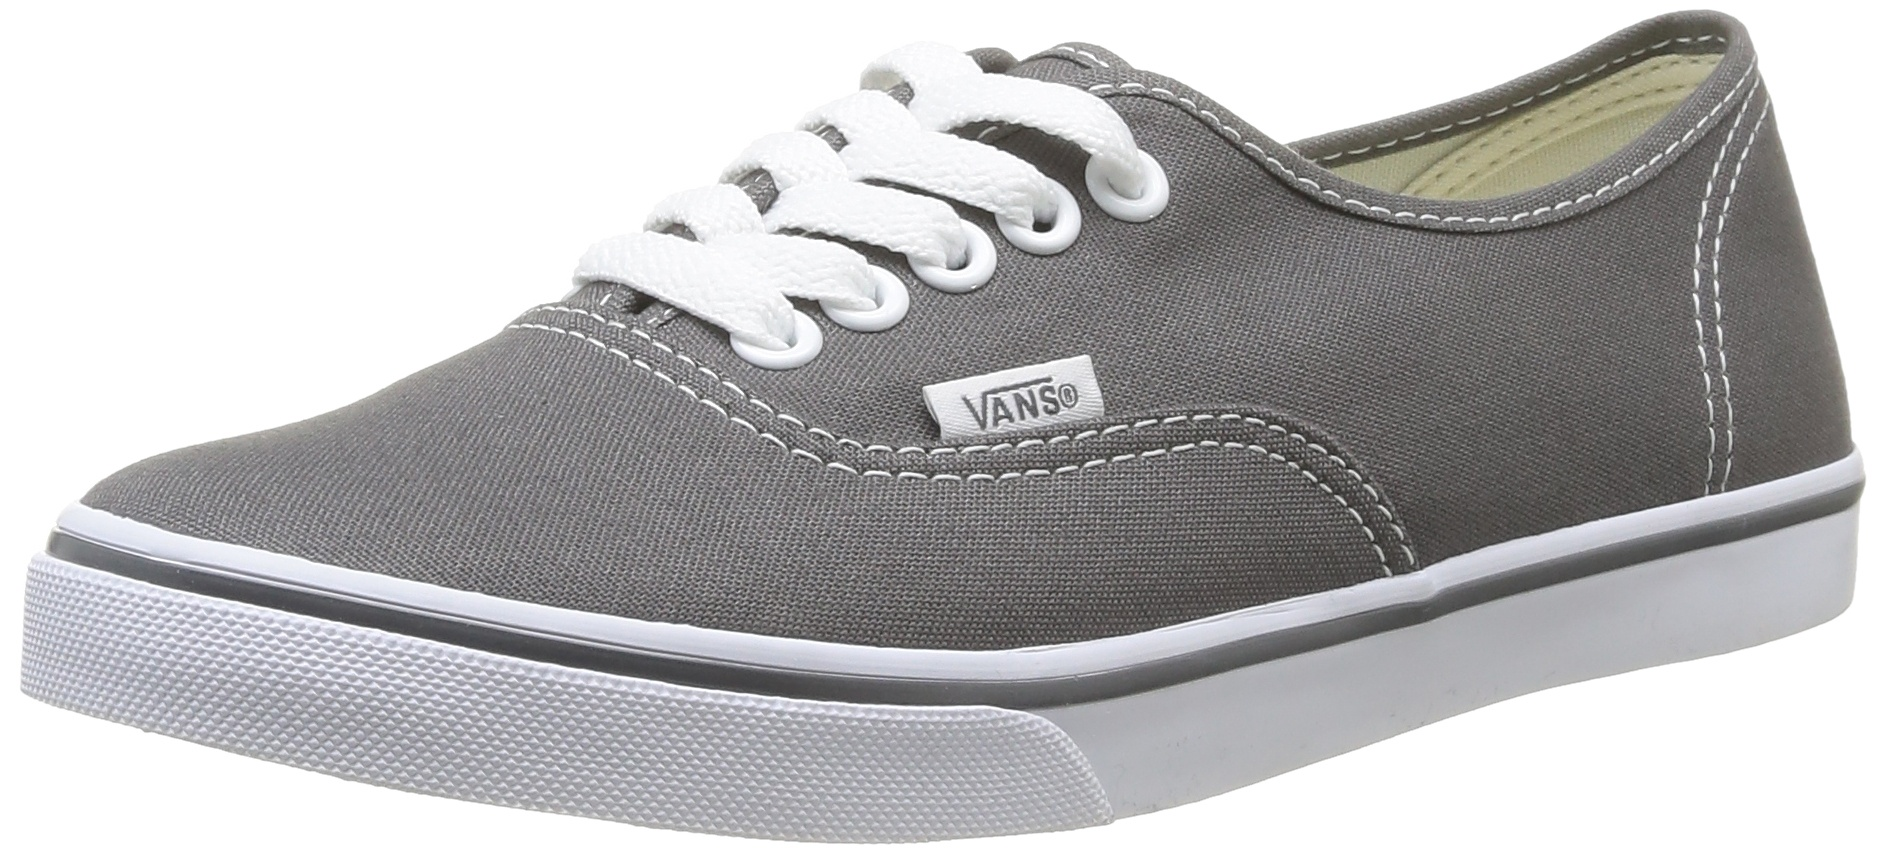 vans shoe grey